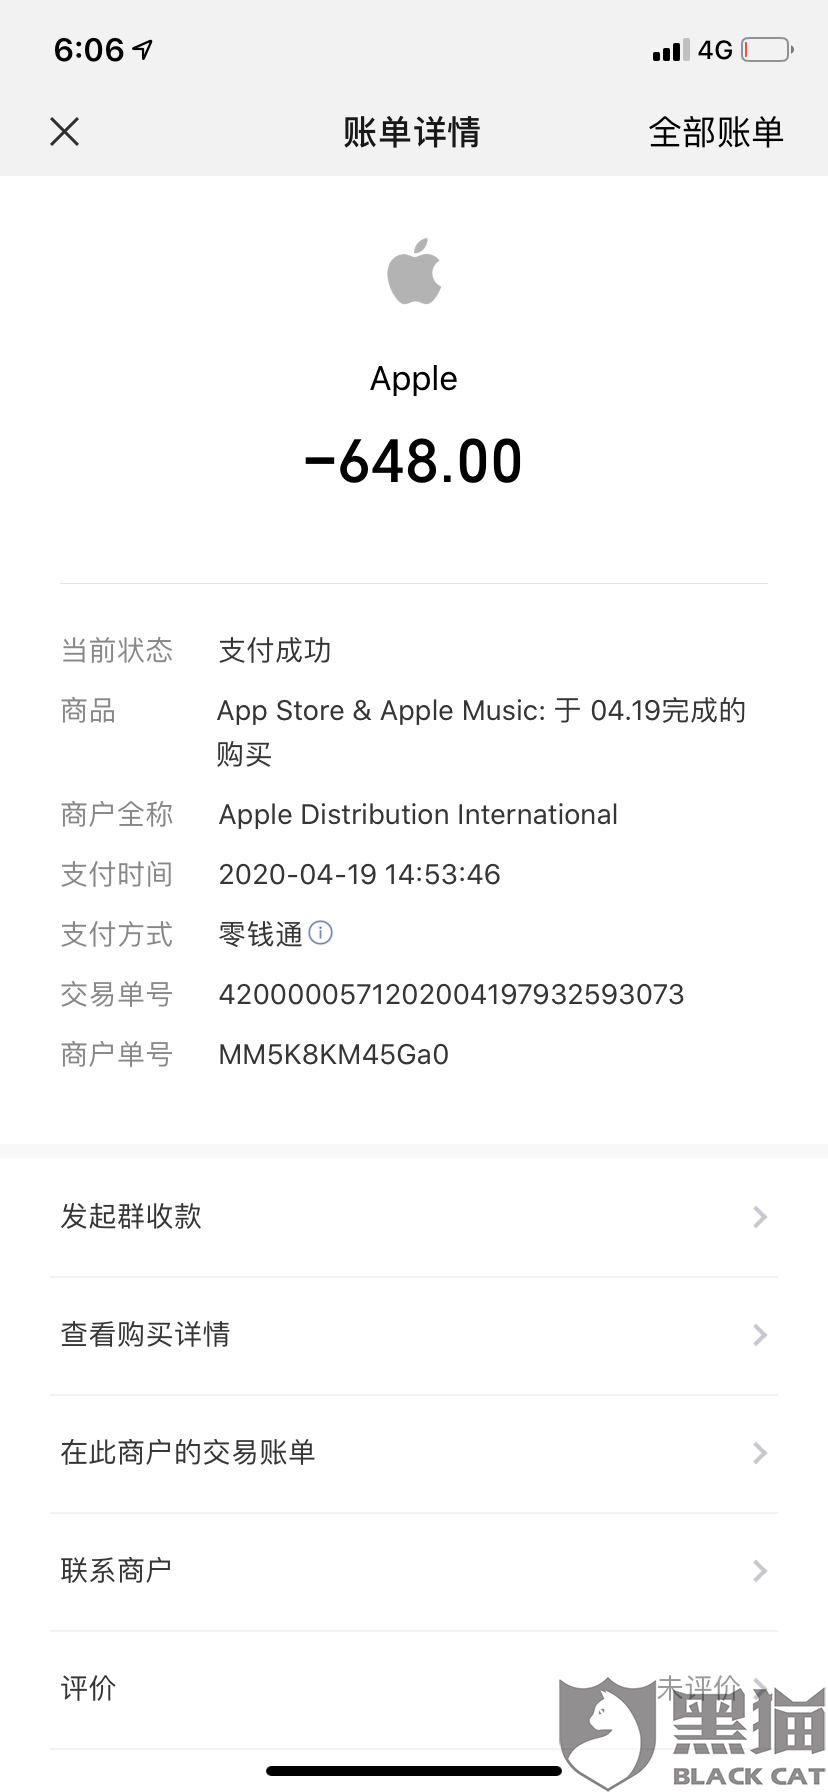 黑猫投诉:苹果ID被盗刷,警方立案已经核实